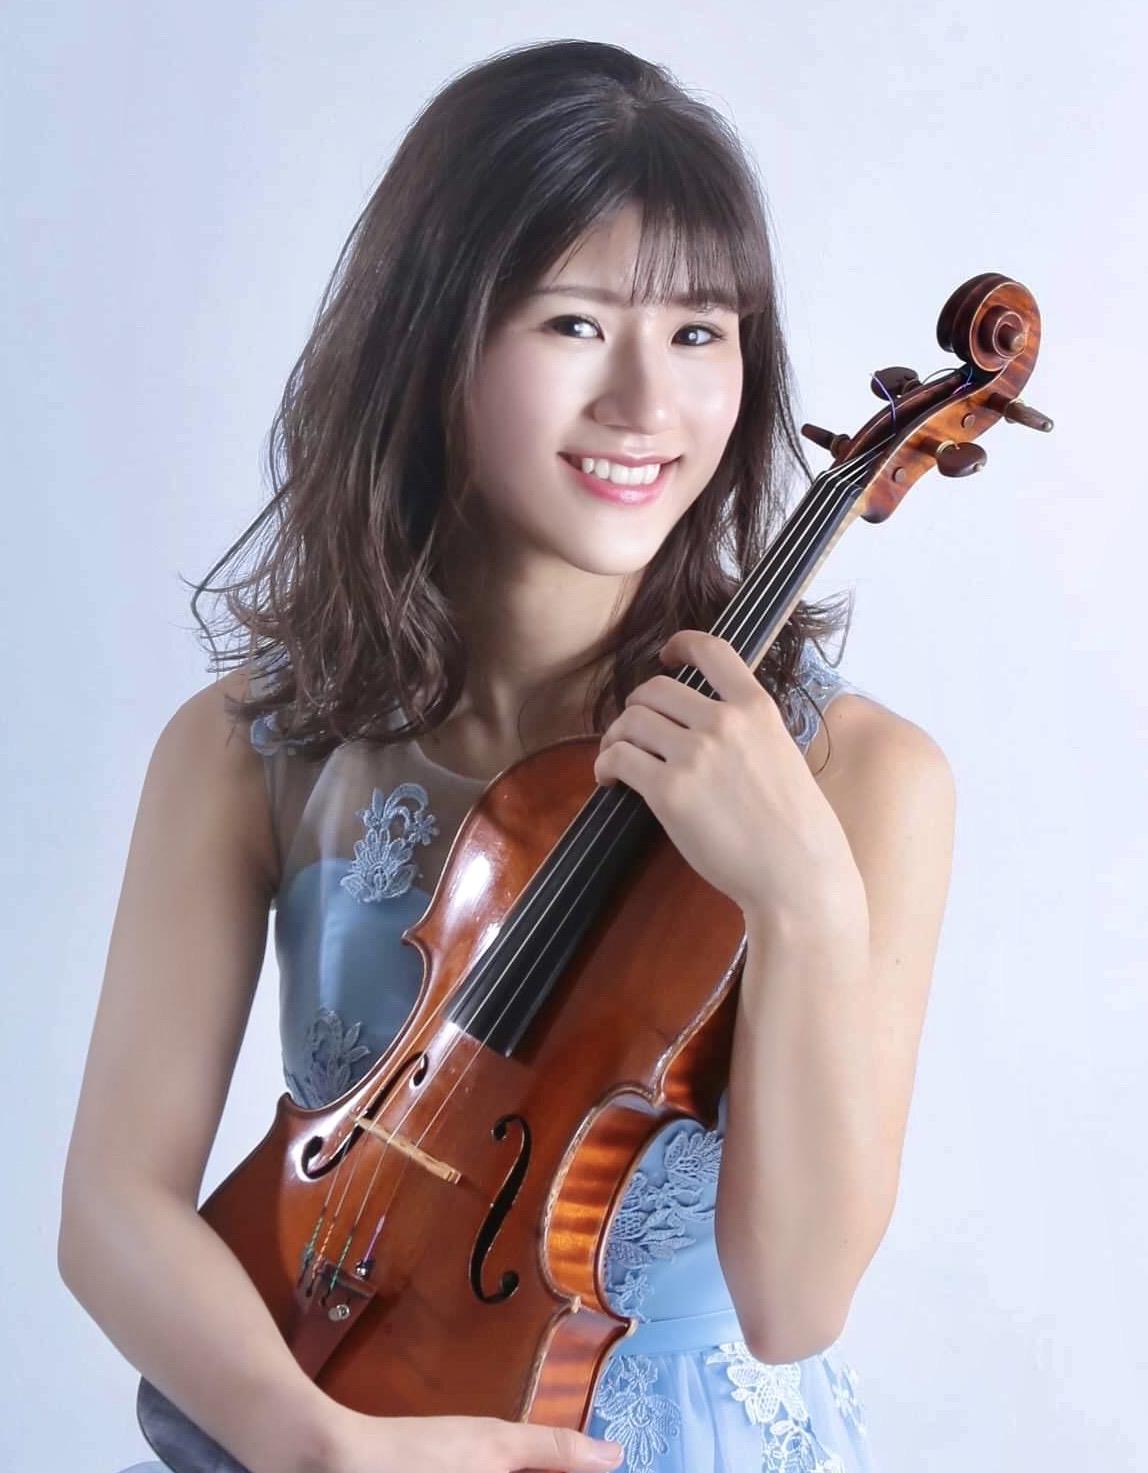 Sumire Segawa (Va.)